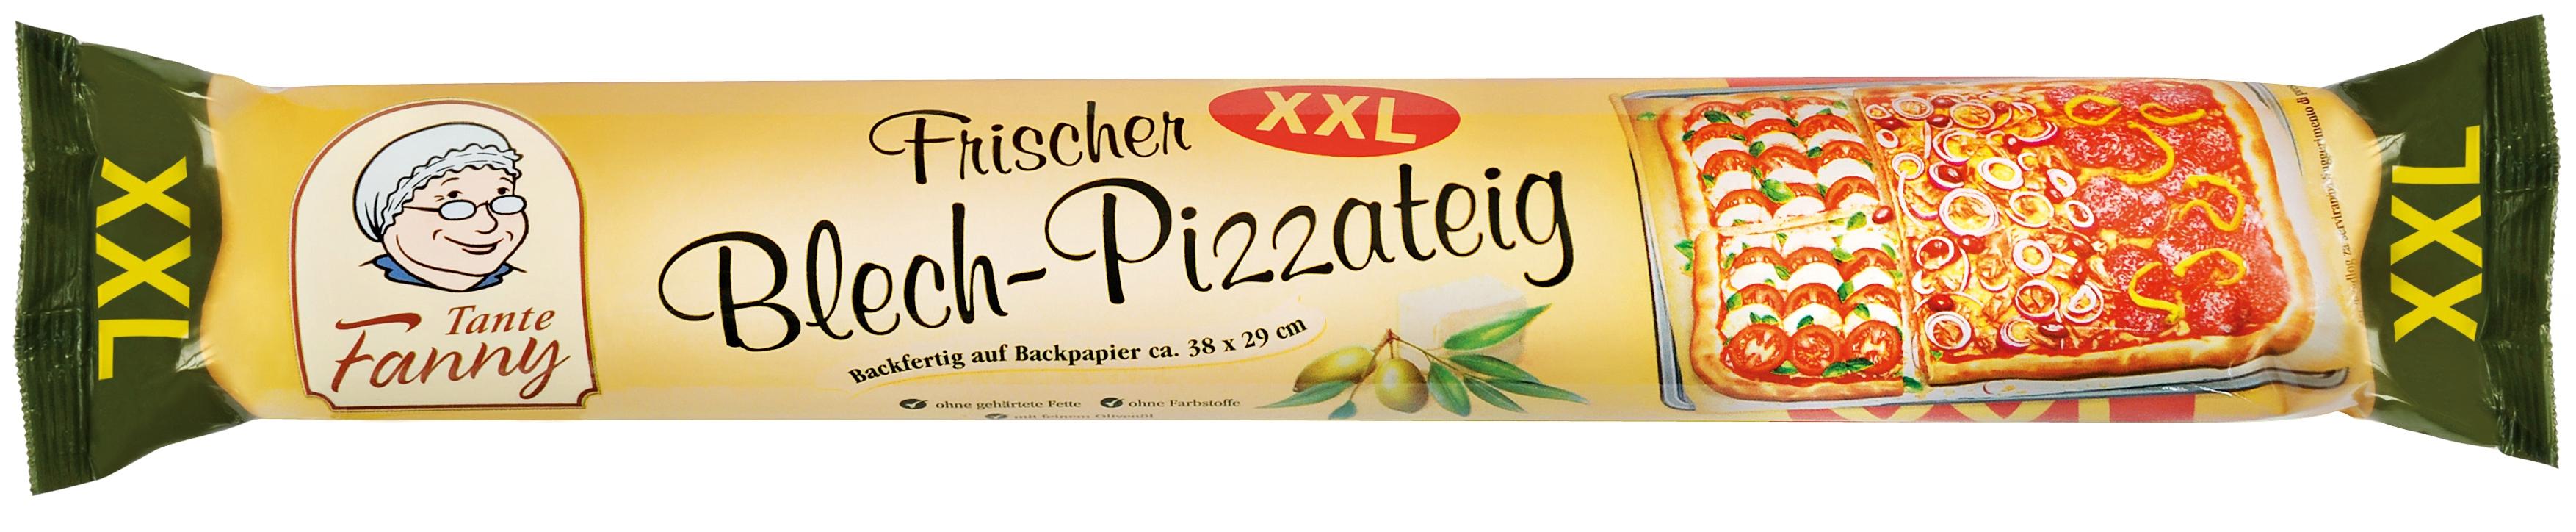 Tantefanny Pizzateig Xxl Butoni